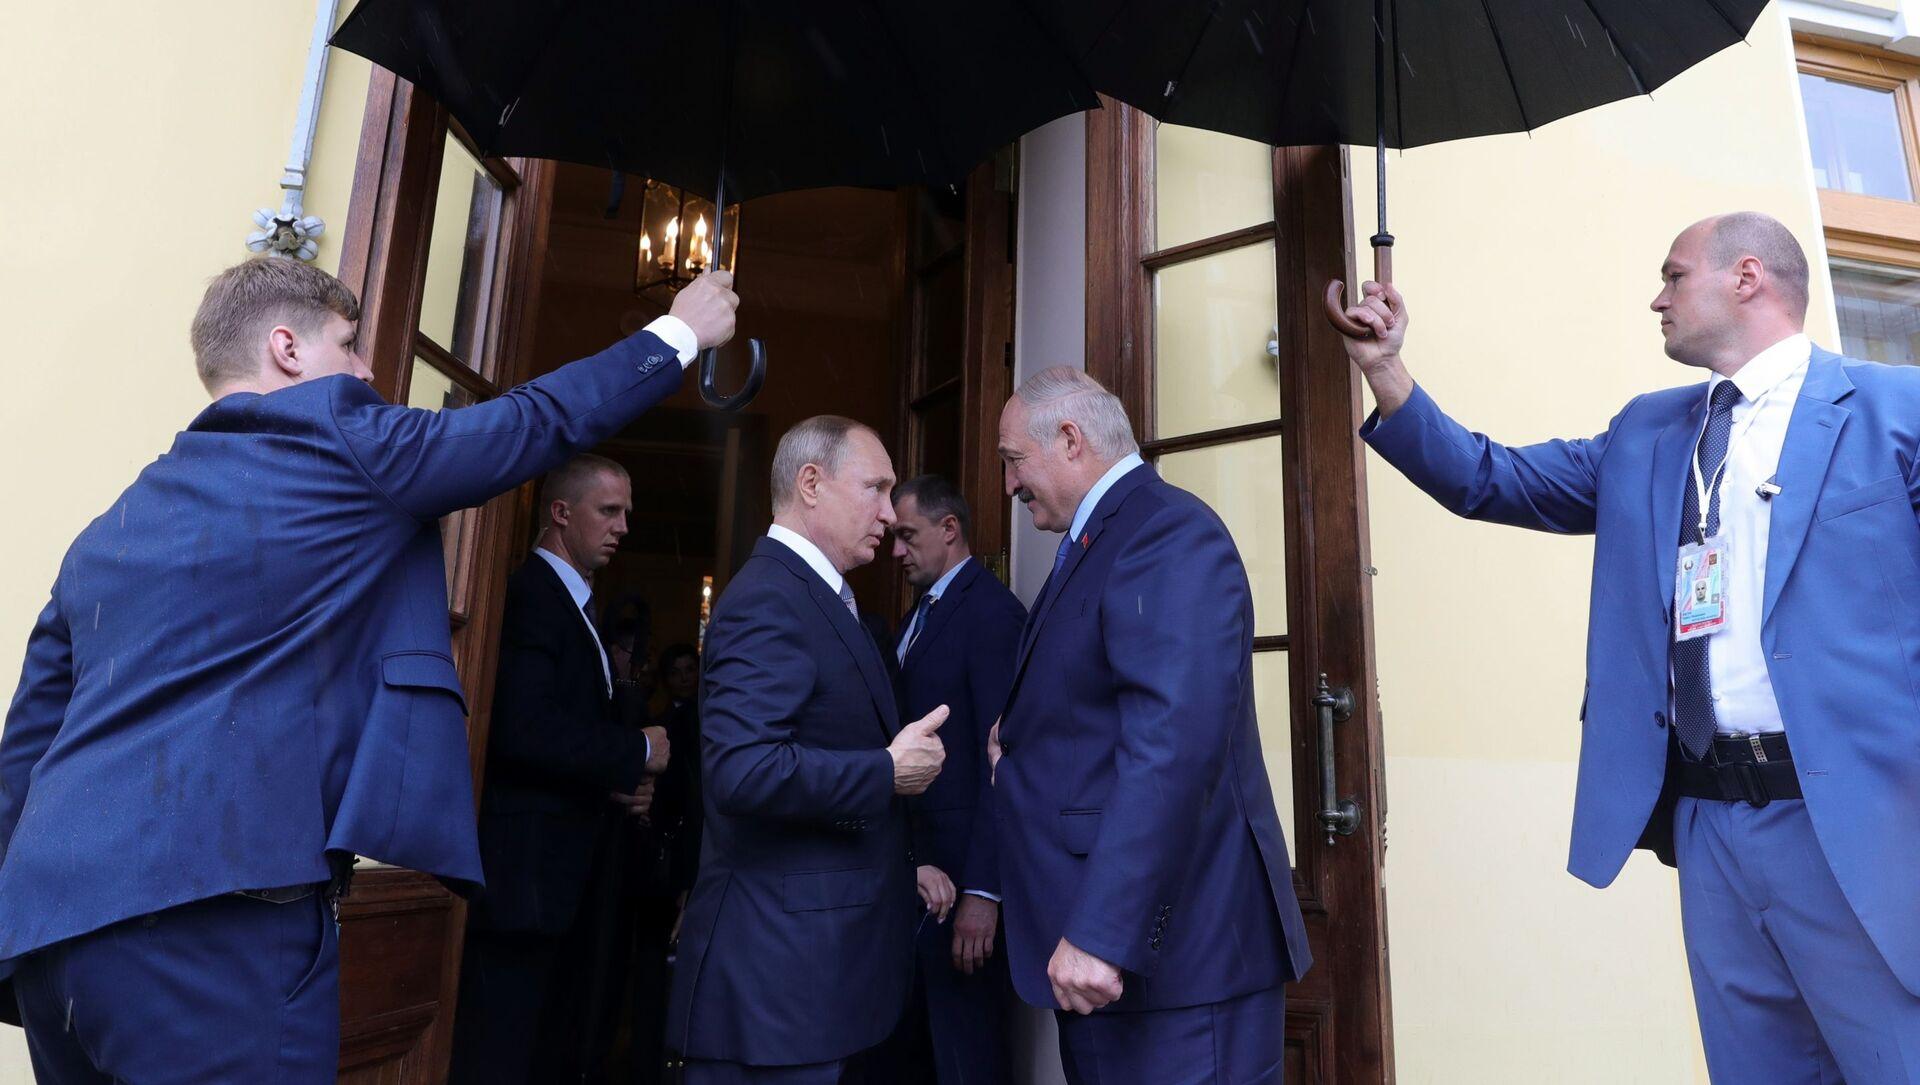 Władimir Putin i Alaksandr Łukaszenka - Sputnik Polska, 1920, 02.04.2021